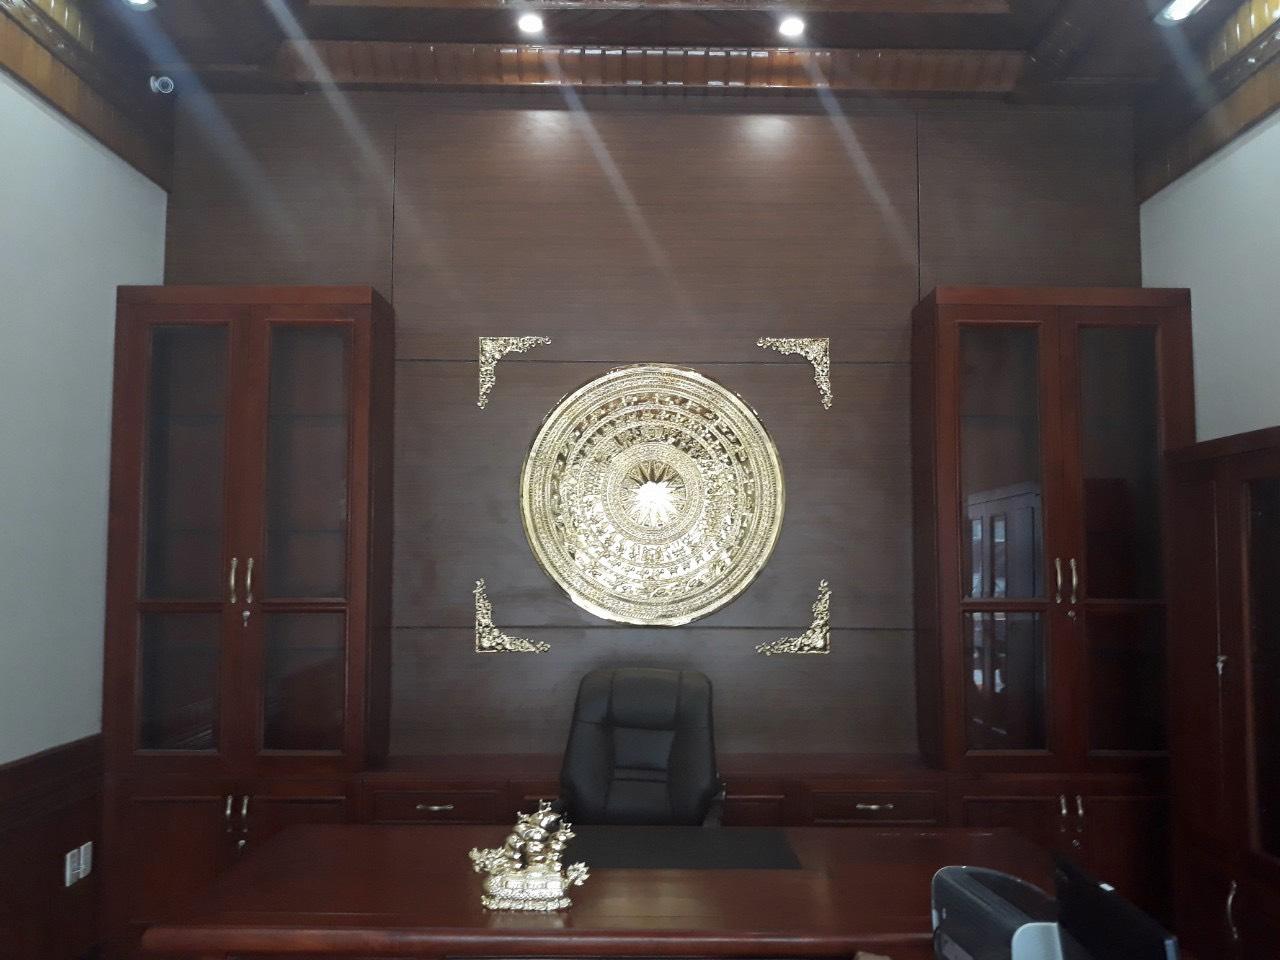 Mặt trống đồng trang trí văn phòng, giá bán mặt trống đồng đẹp